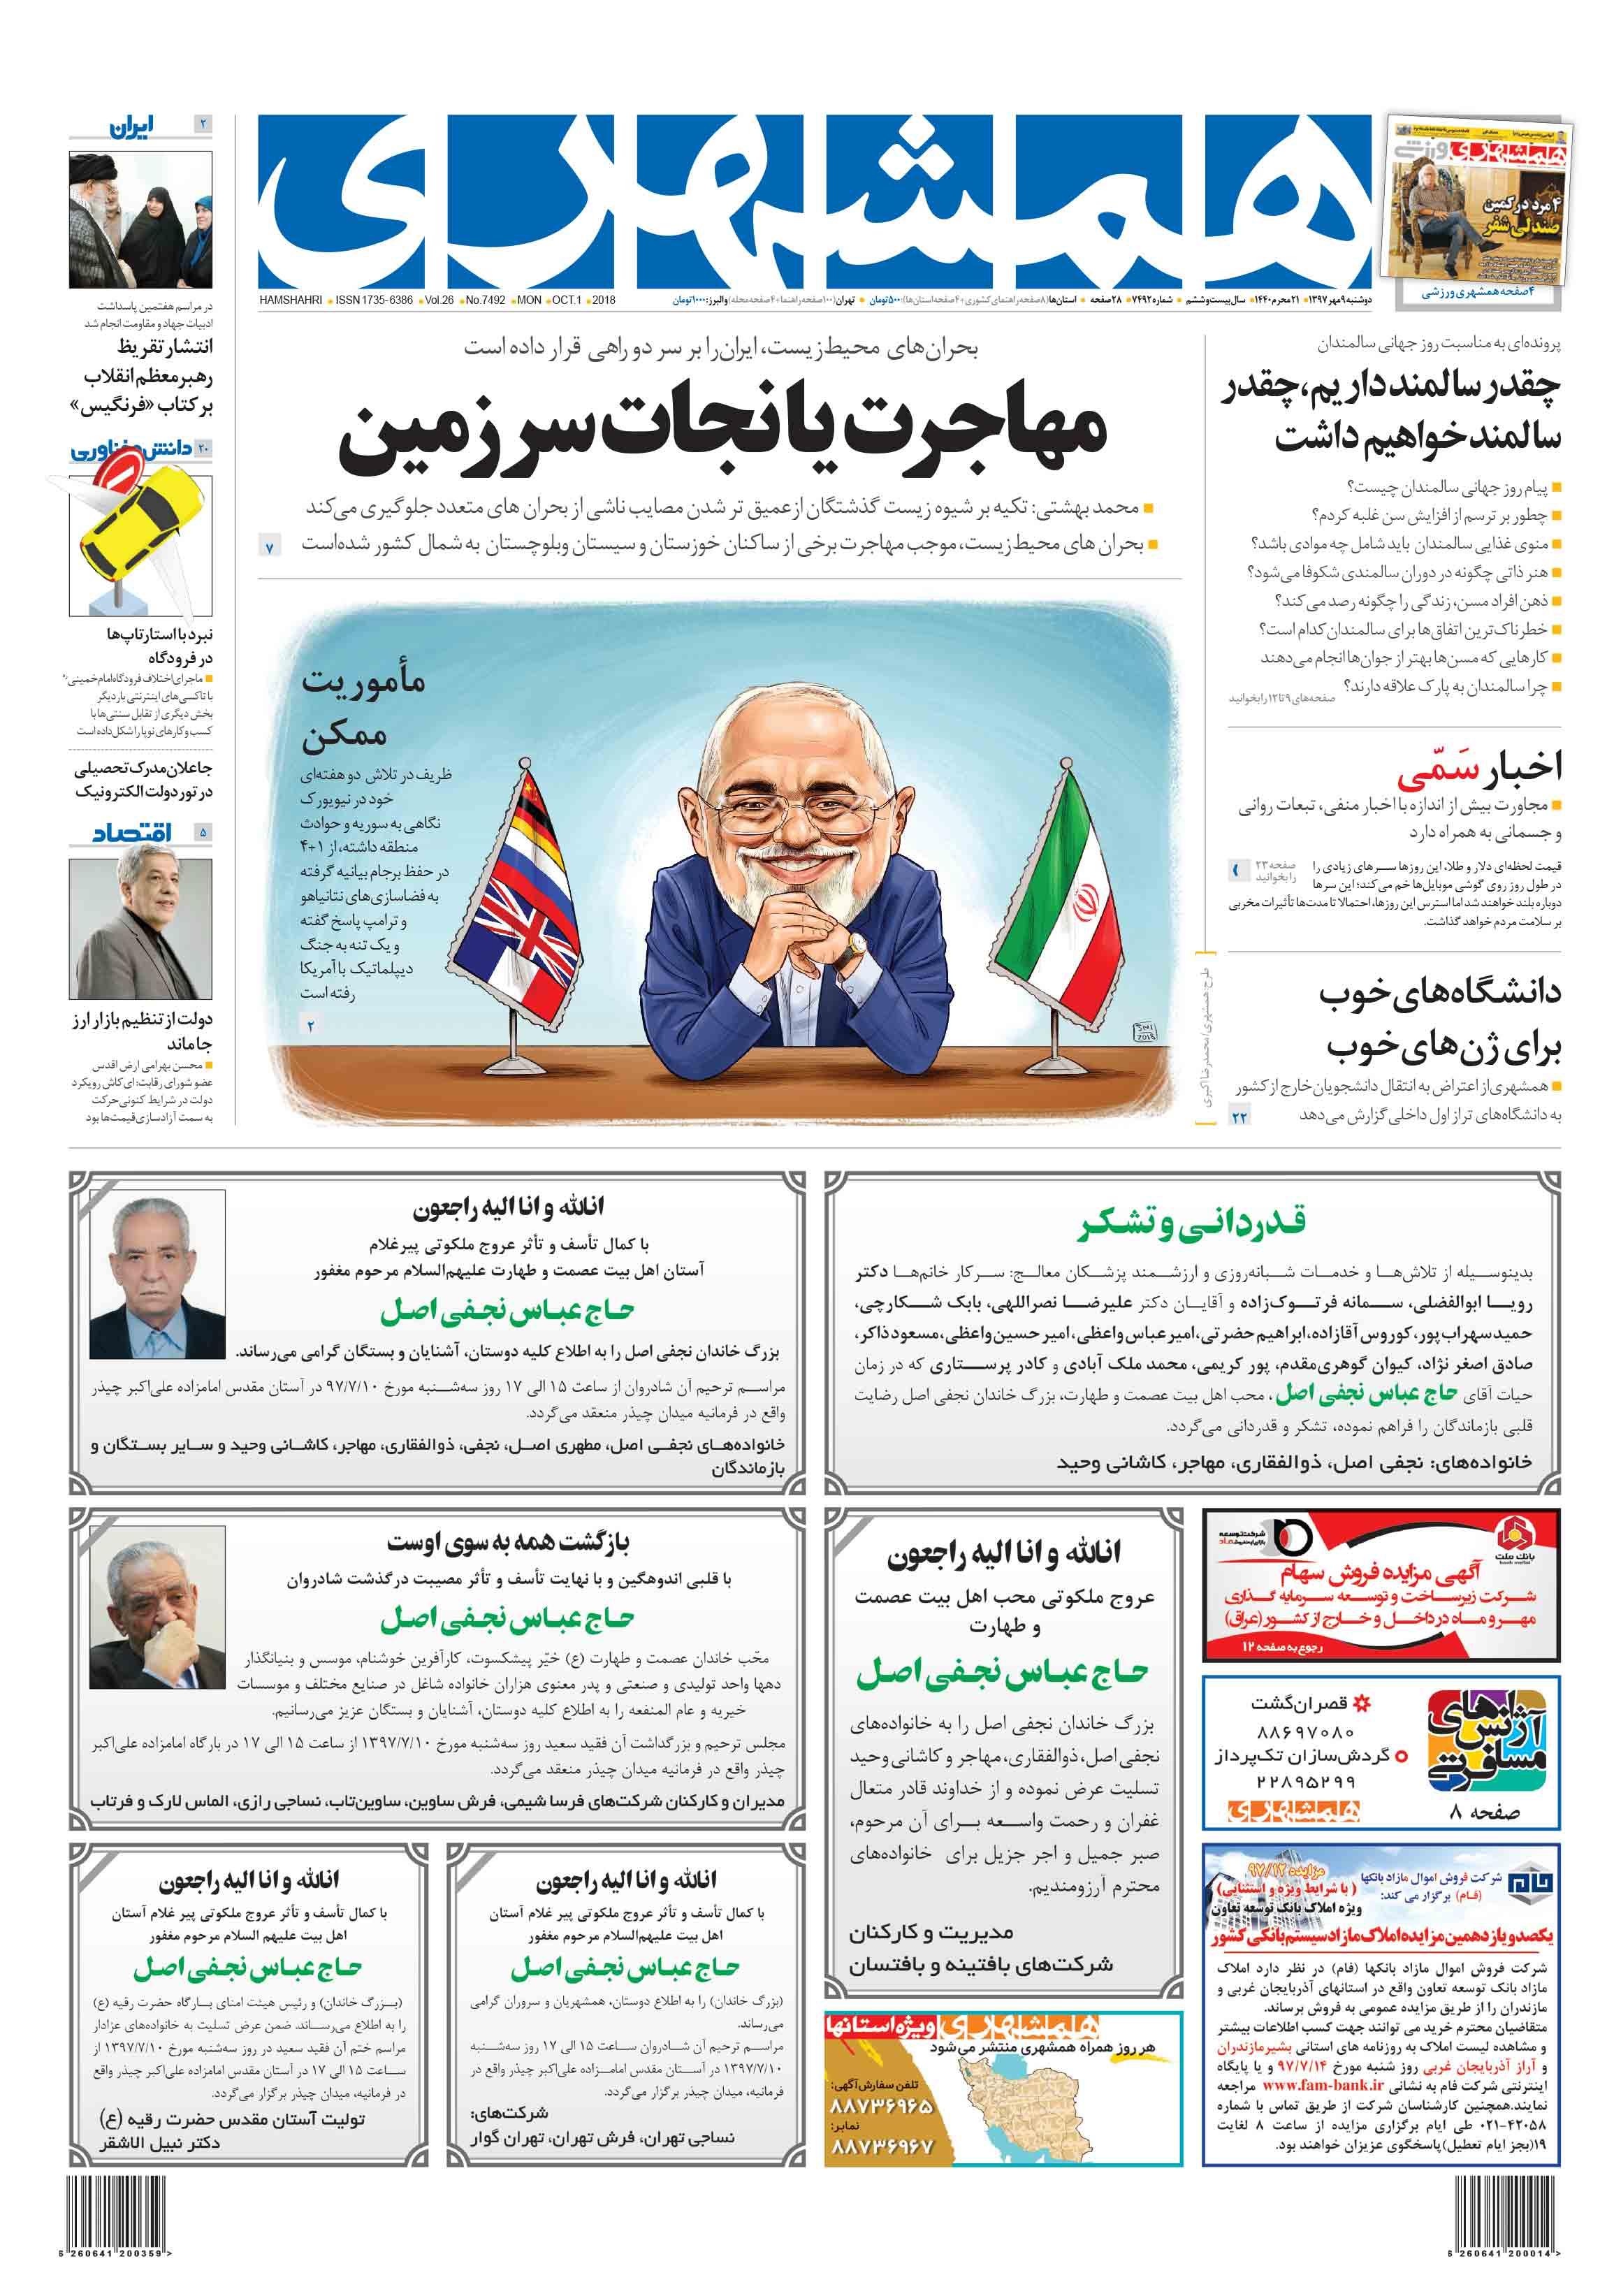 صفحه اول دوشنبه 9 مهر 1397